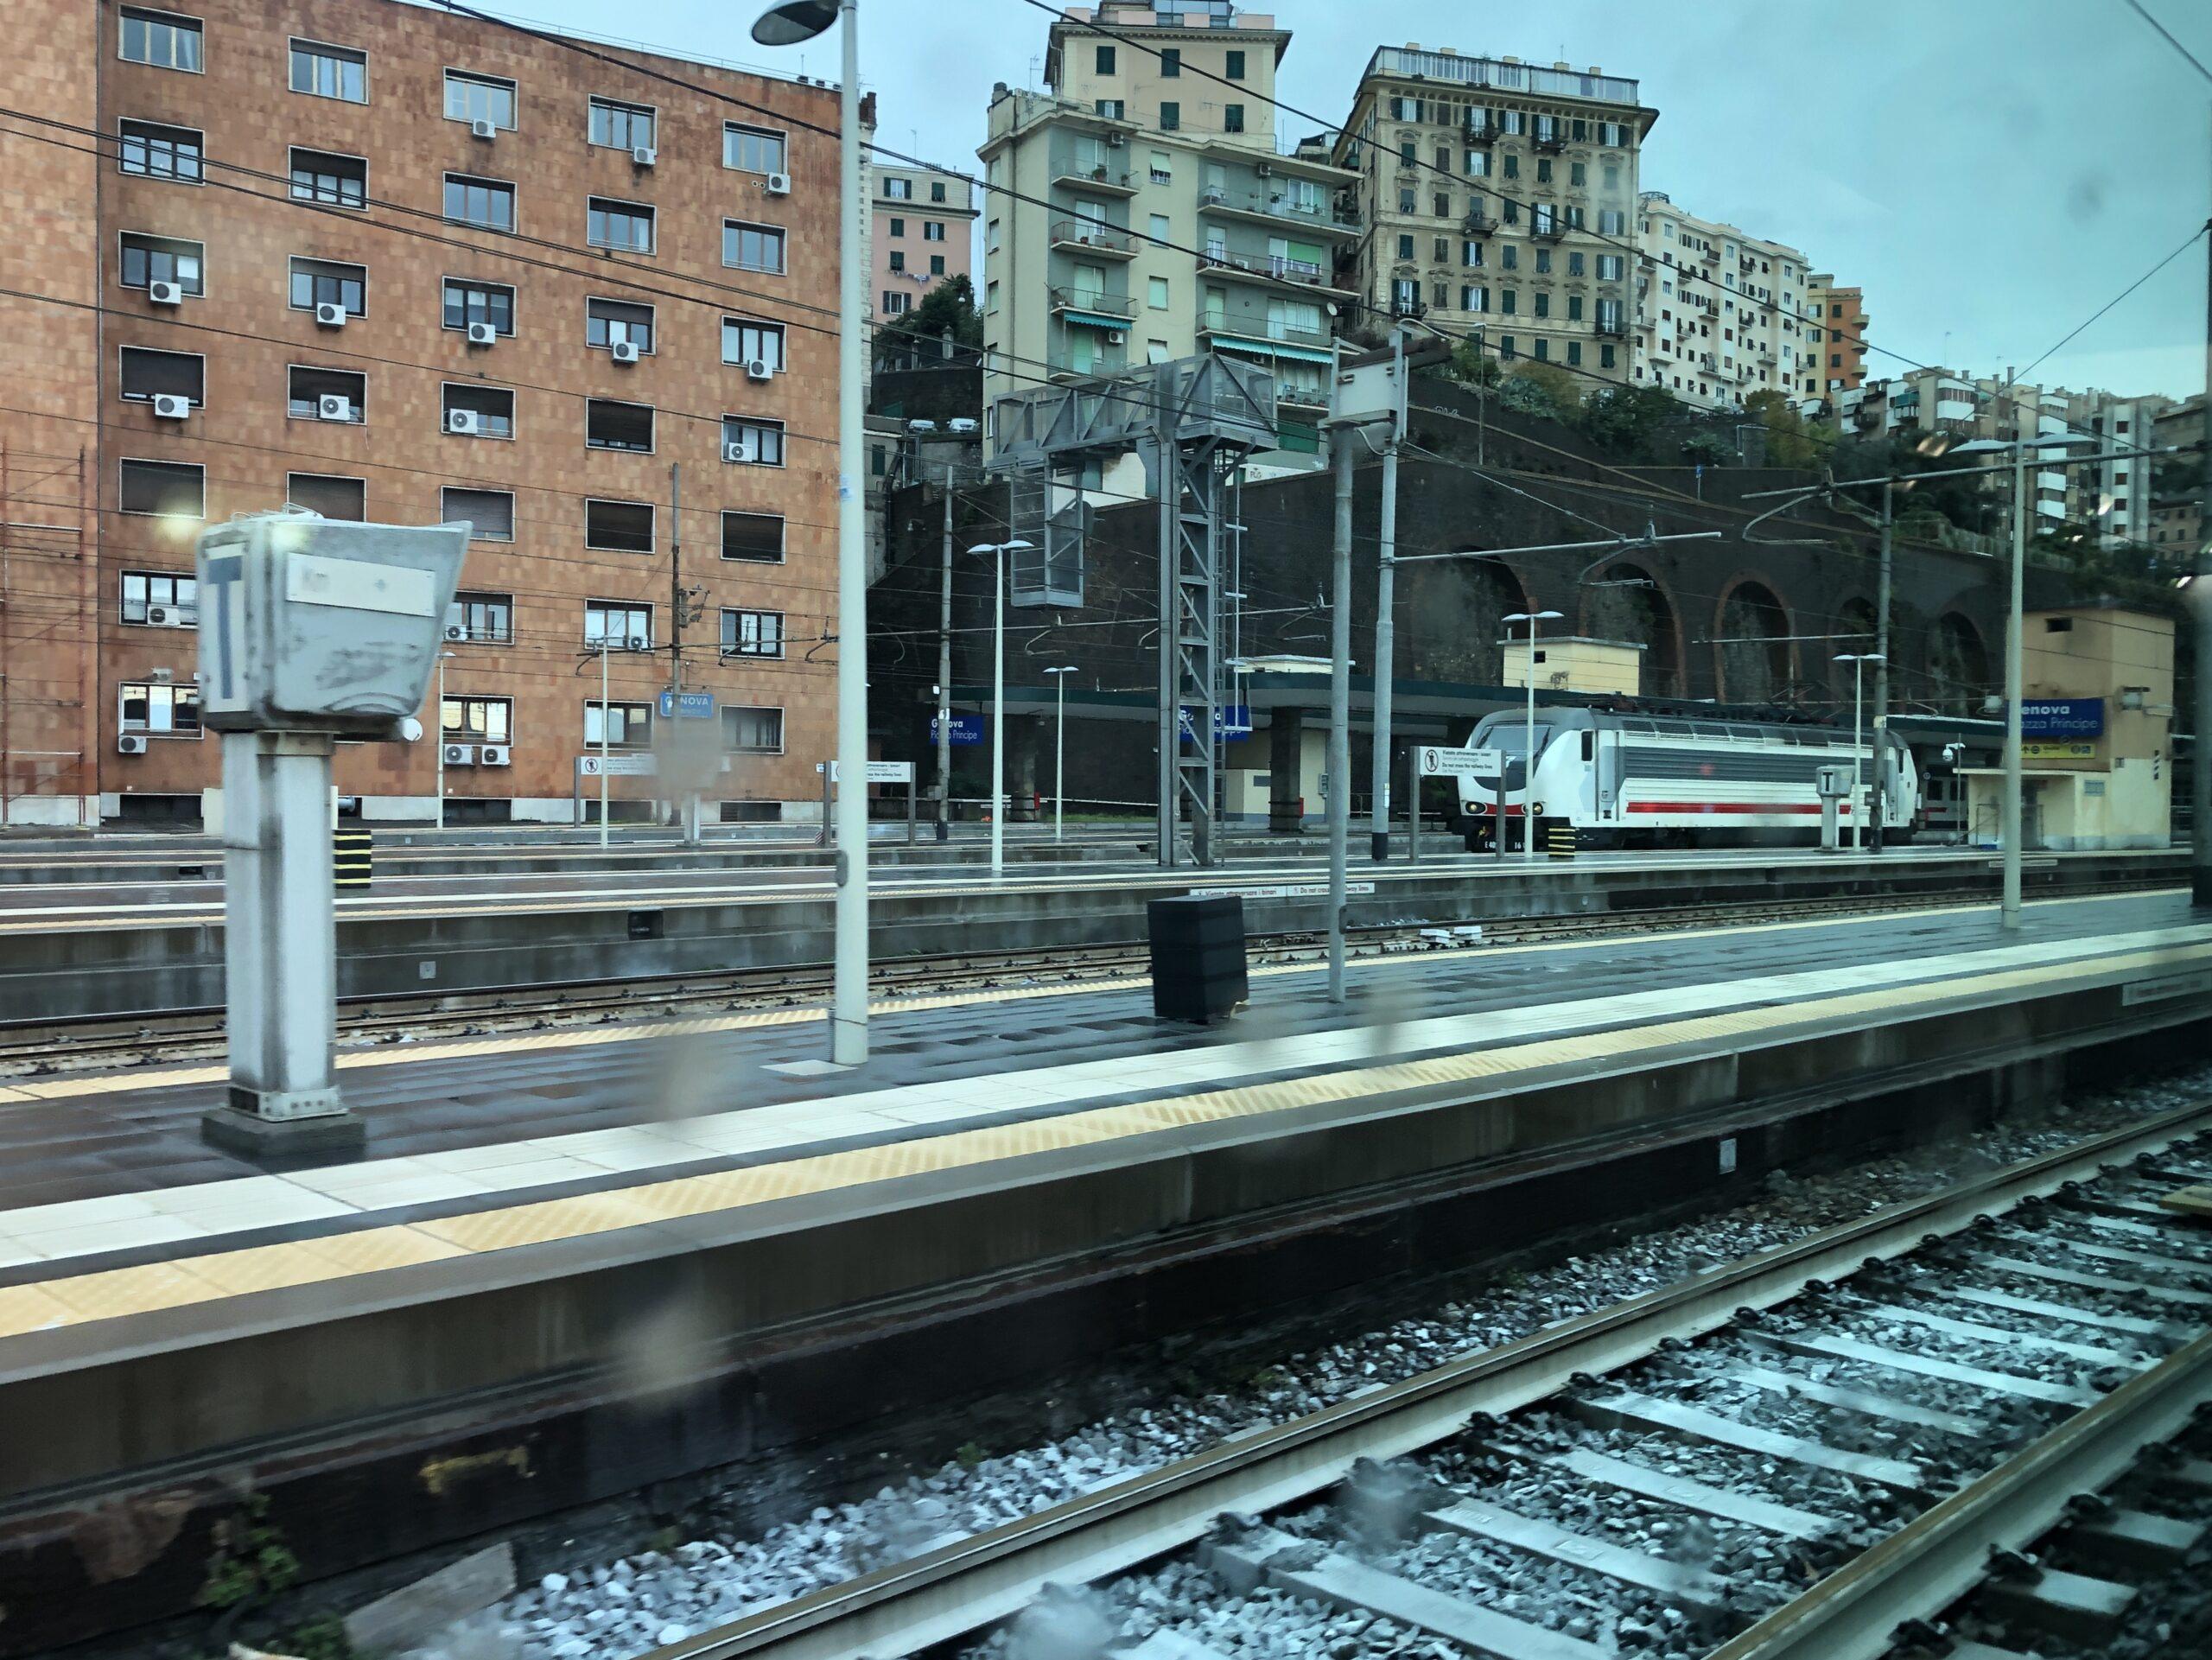 Stazione Ferroviaria Genova Piazza Principe